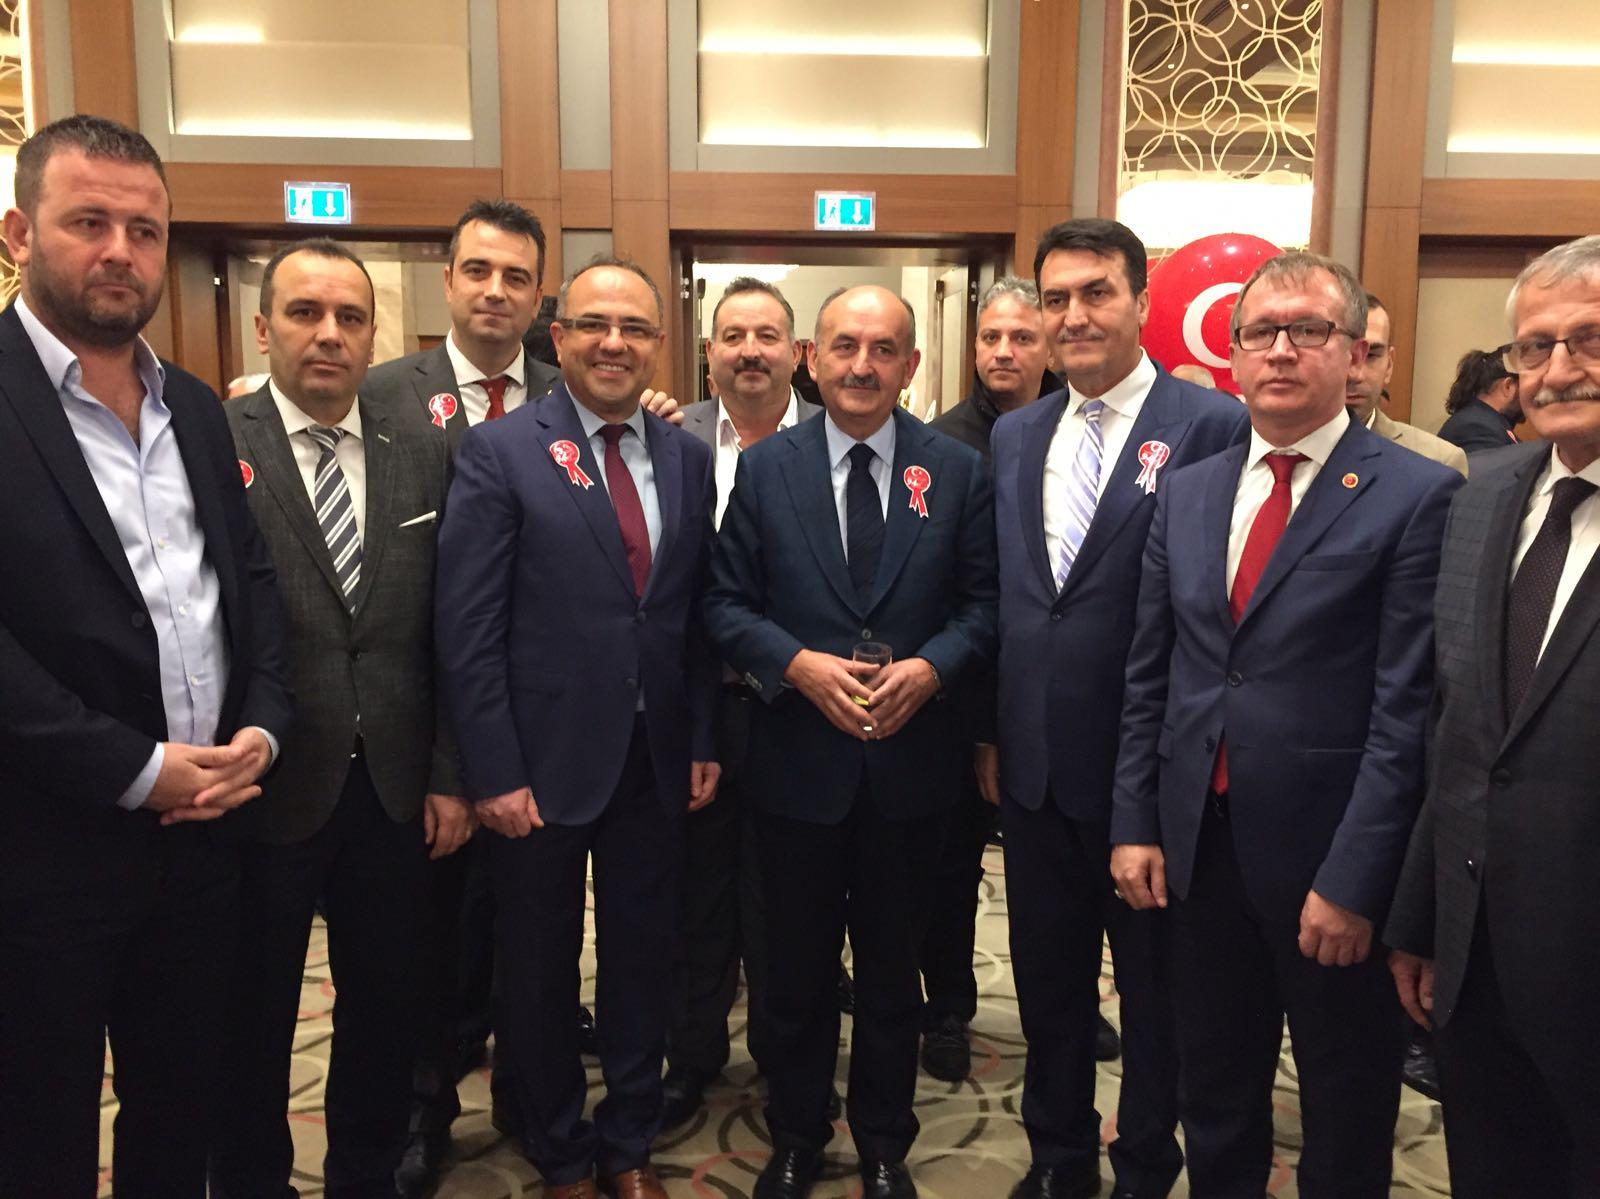 Bursa'da Cumhuriyetimizin 94. Kuruluş Yılı Coşkuyla Kutlandı